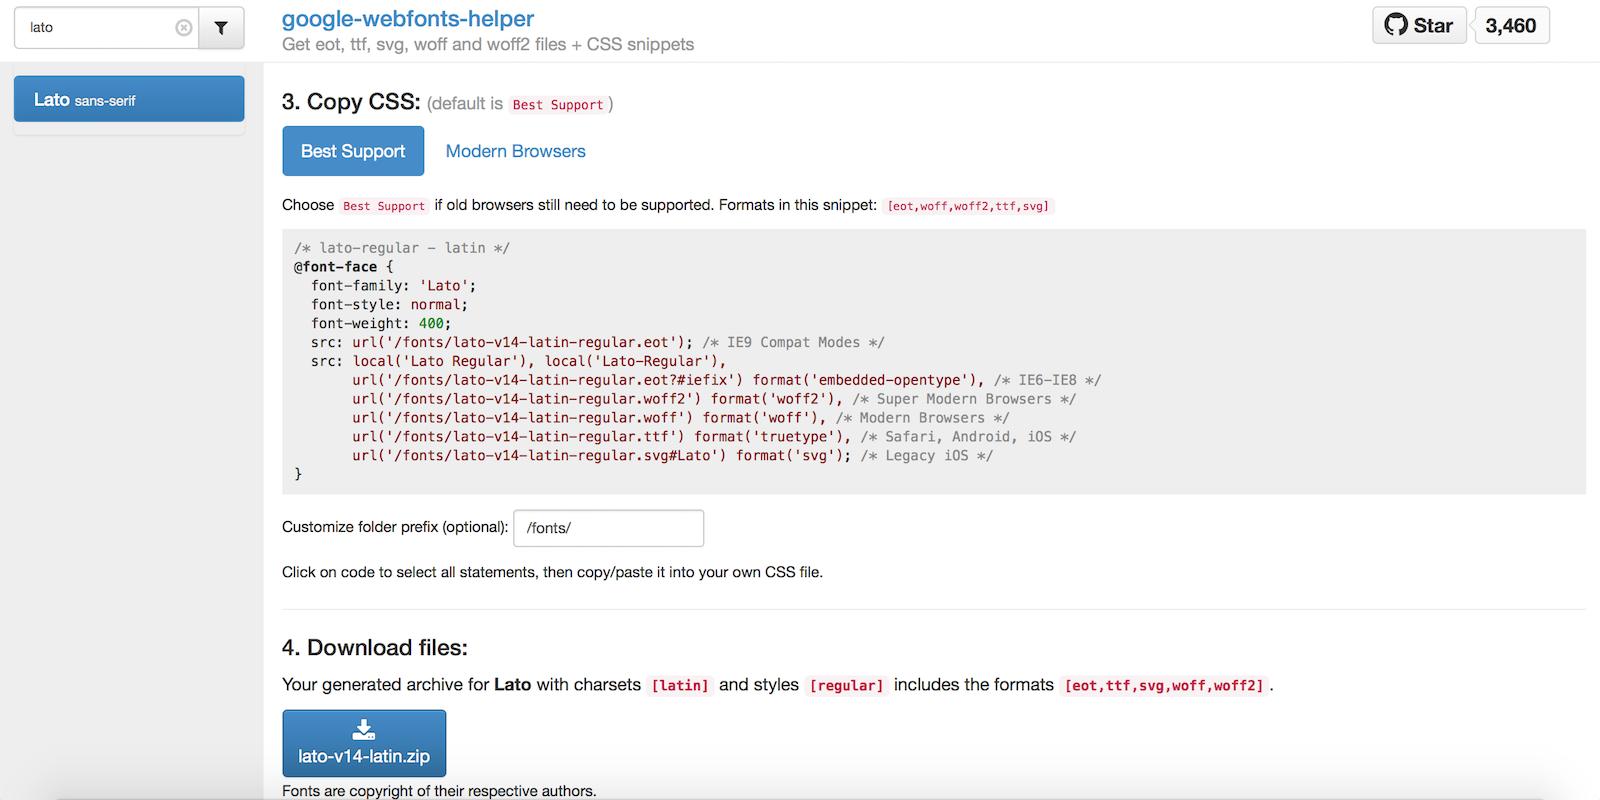 Über die Hilfsressource lassen sich Google Fonts als ZIP herunterladen und DSGVO-konform einbinden